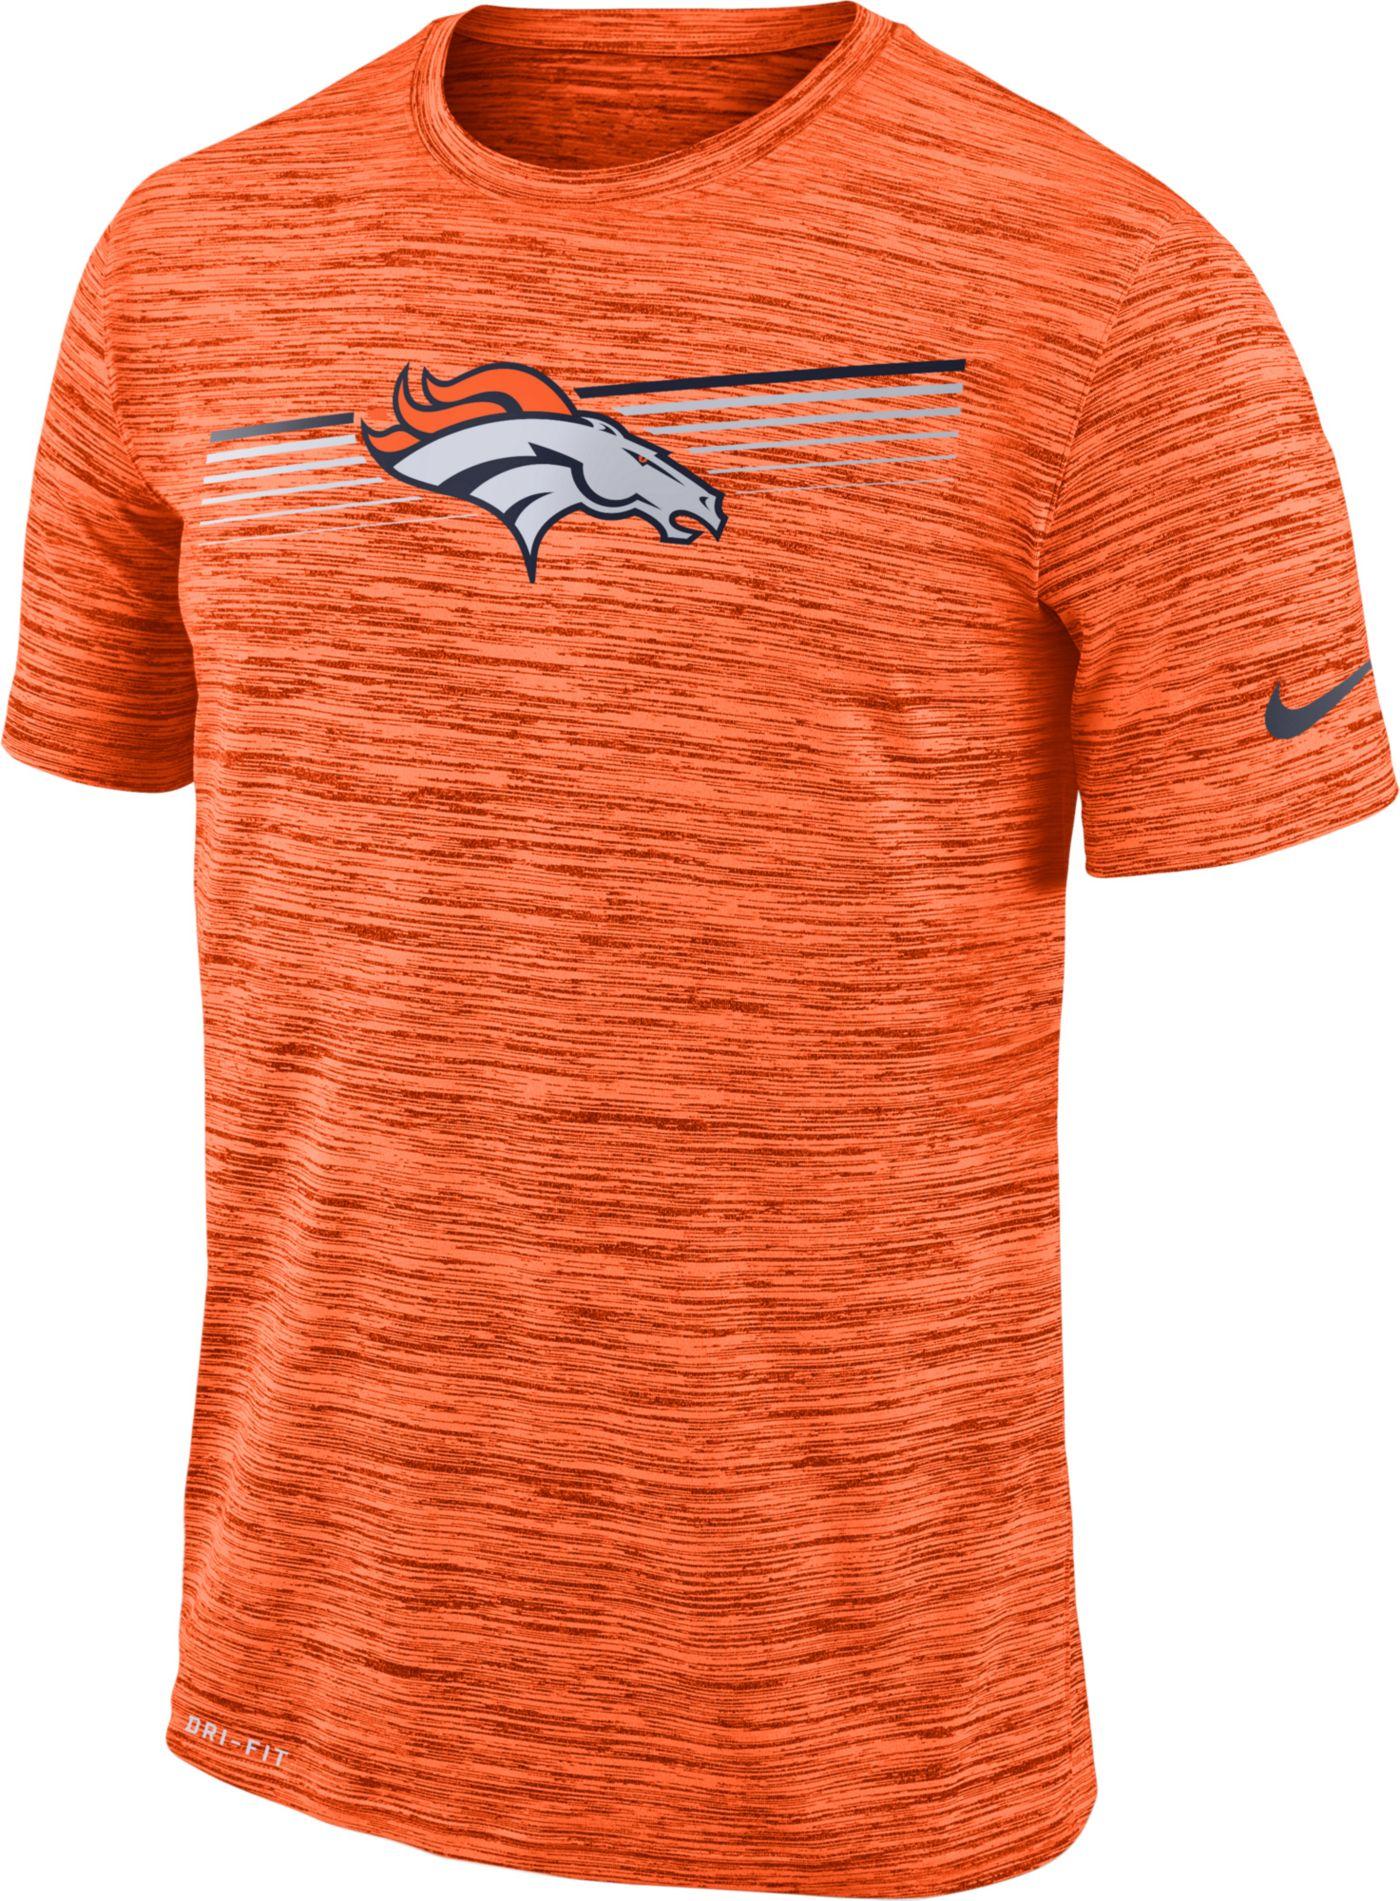 Nike Men's Denver Broncos Sideline Legend Velocity Orange T-Shirt